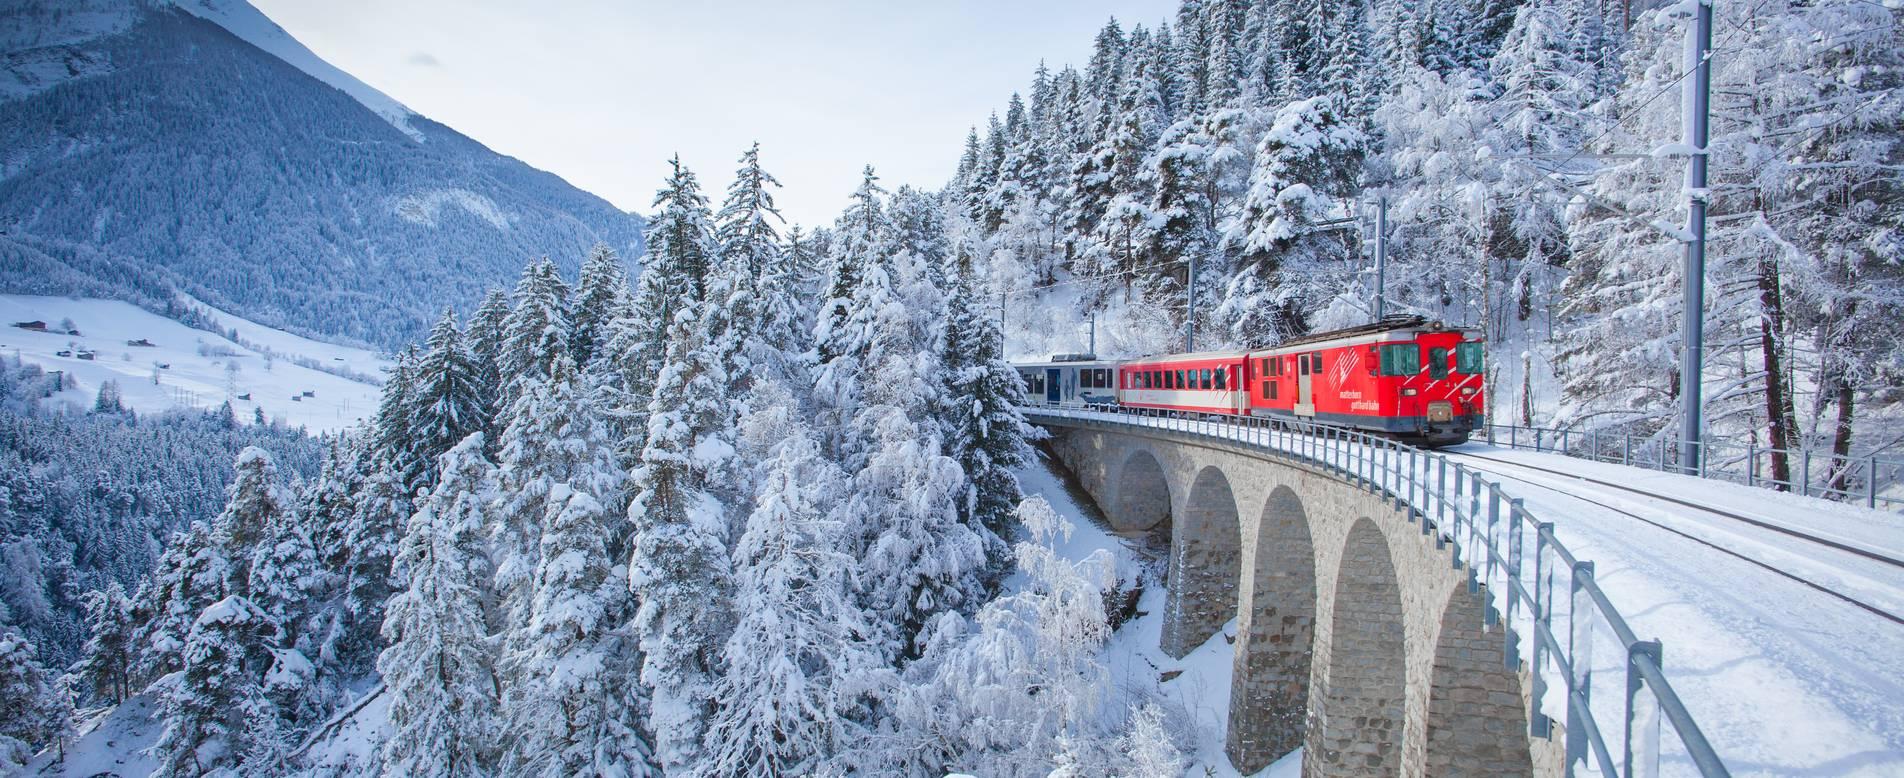 Đoàn tàu hỏa màu đỏ đi xuyên qua vùng rừng đông tuyết phủ